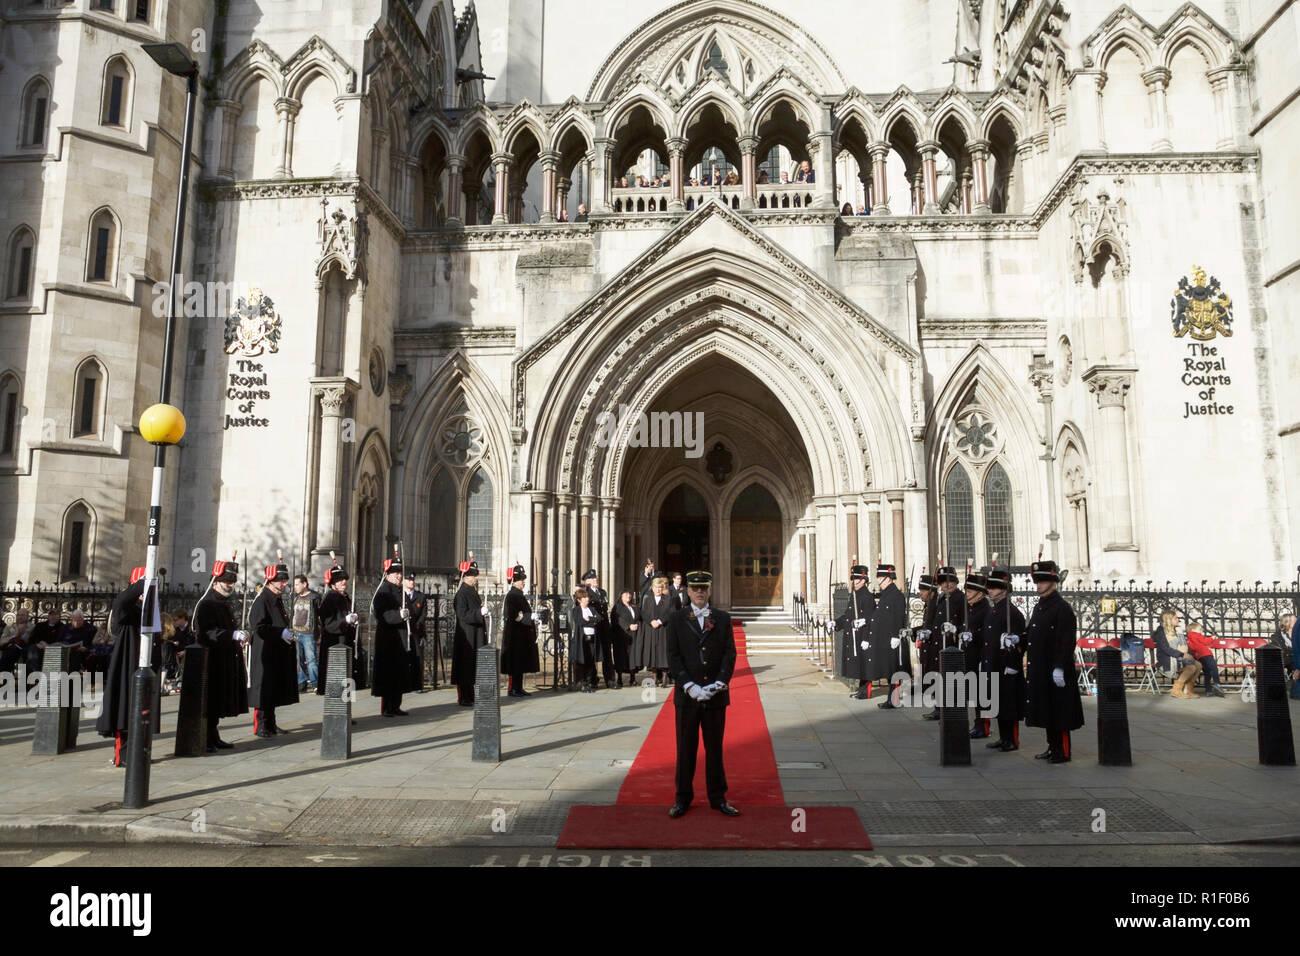 Las Cortes Reales de Justicia de Londres. Con la Honorable Compañía de artillería (HAC) fuera, a la espera de la llegada del señor alcalde. Imagen De Stock